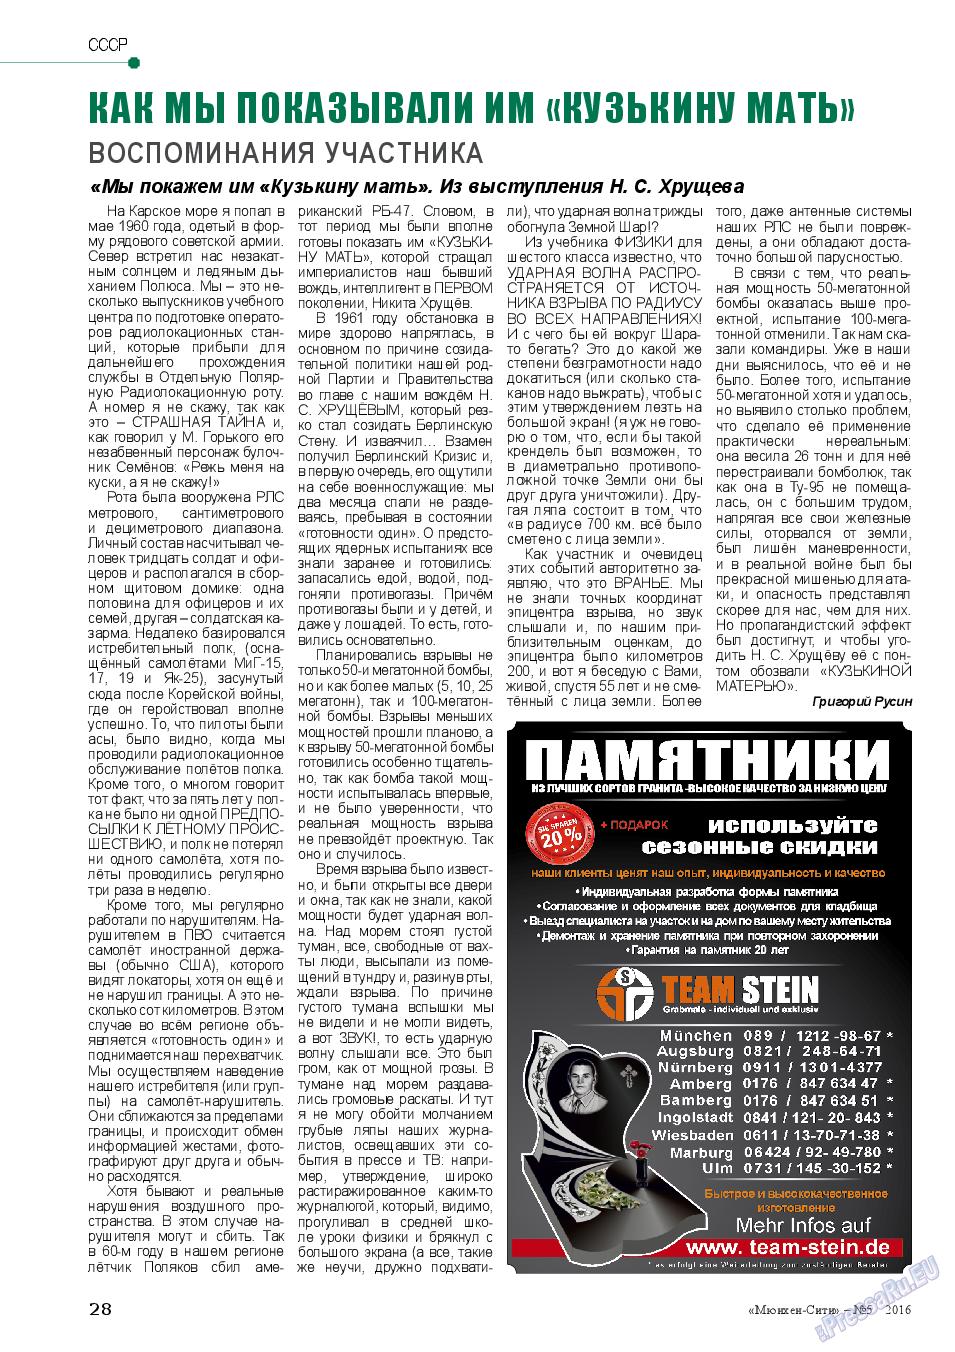 Мюнхен-сити (журнал). 2016 год, номер 5, стр. 28